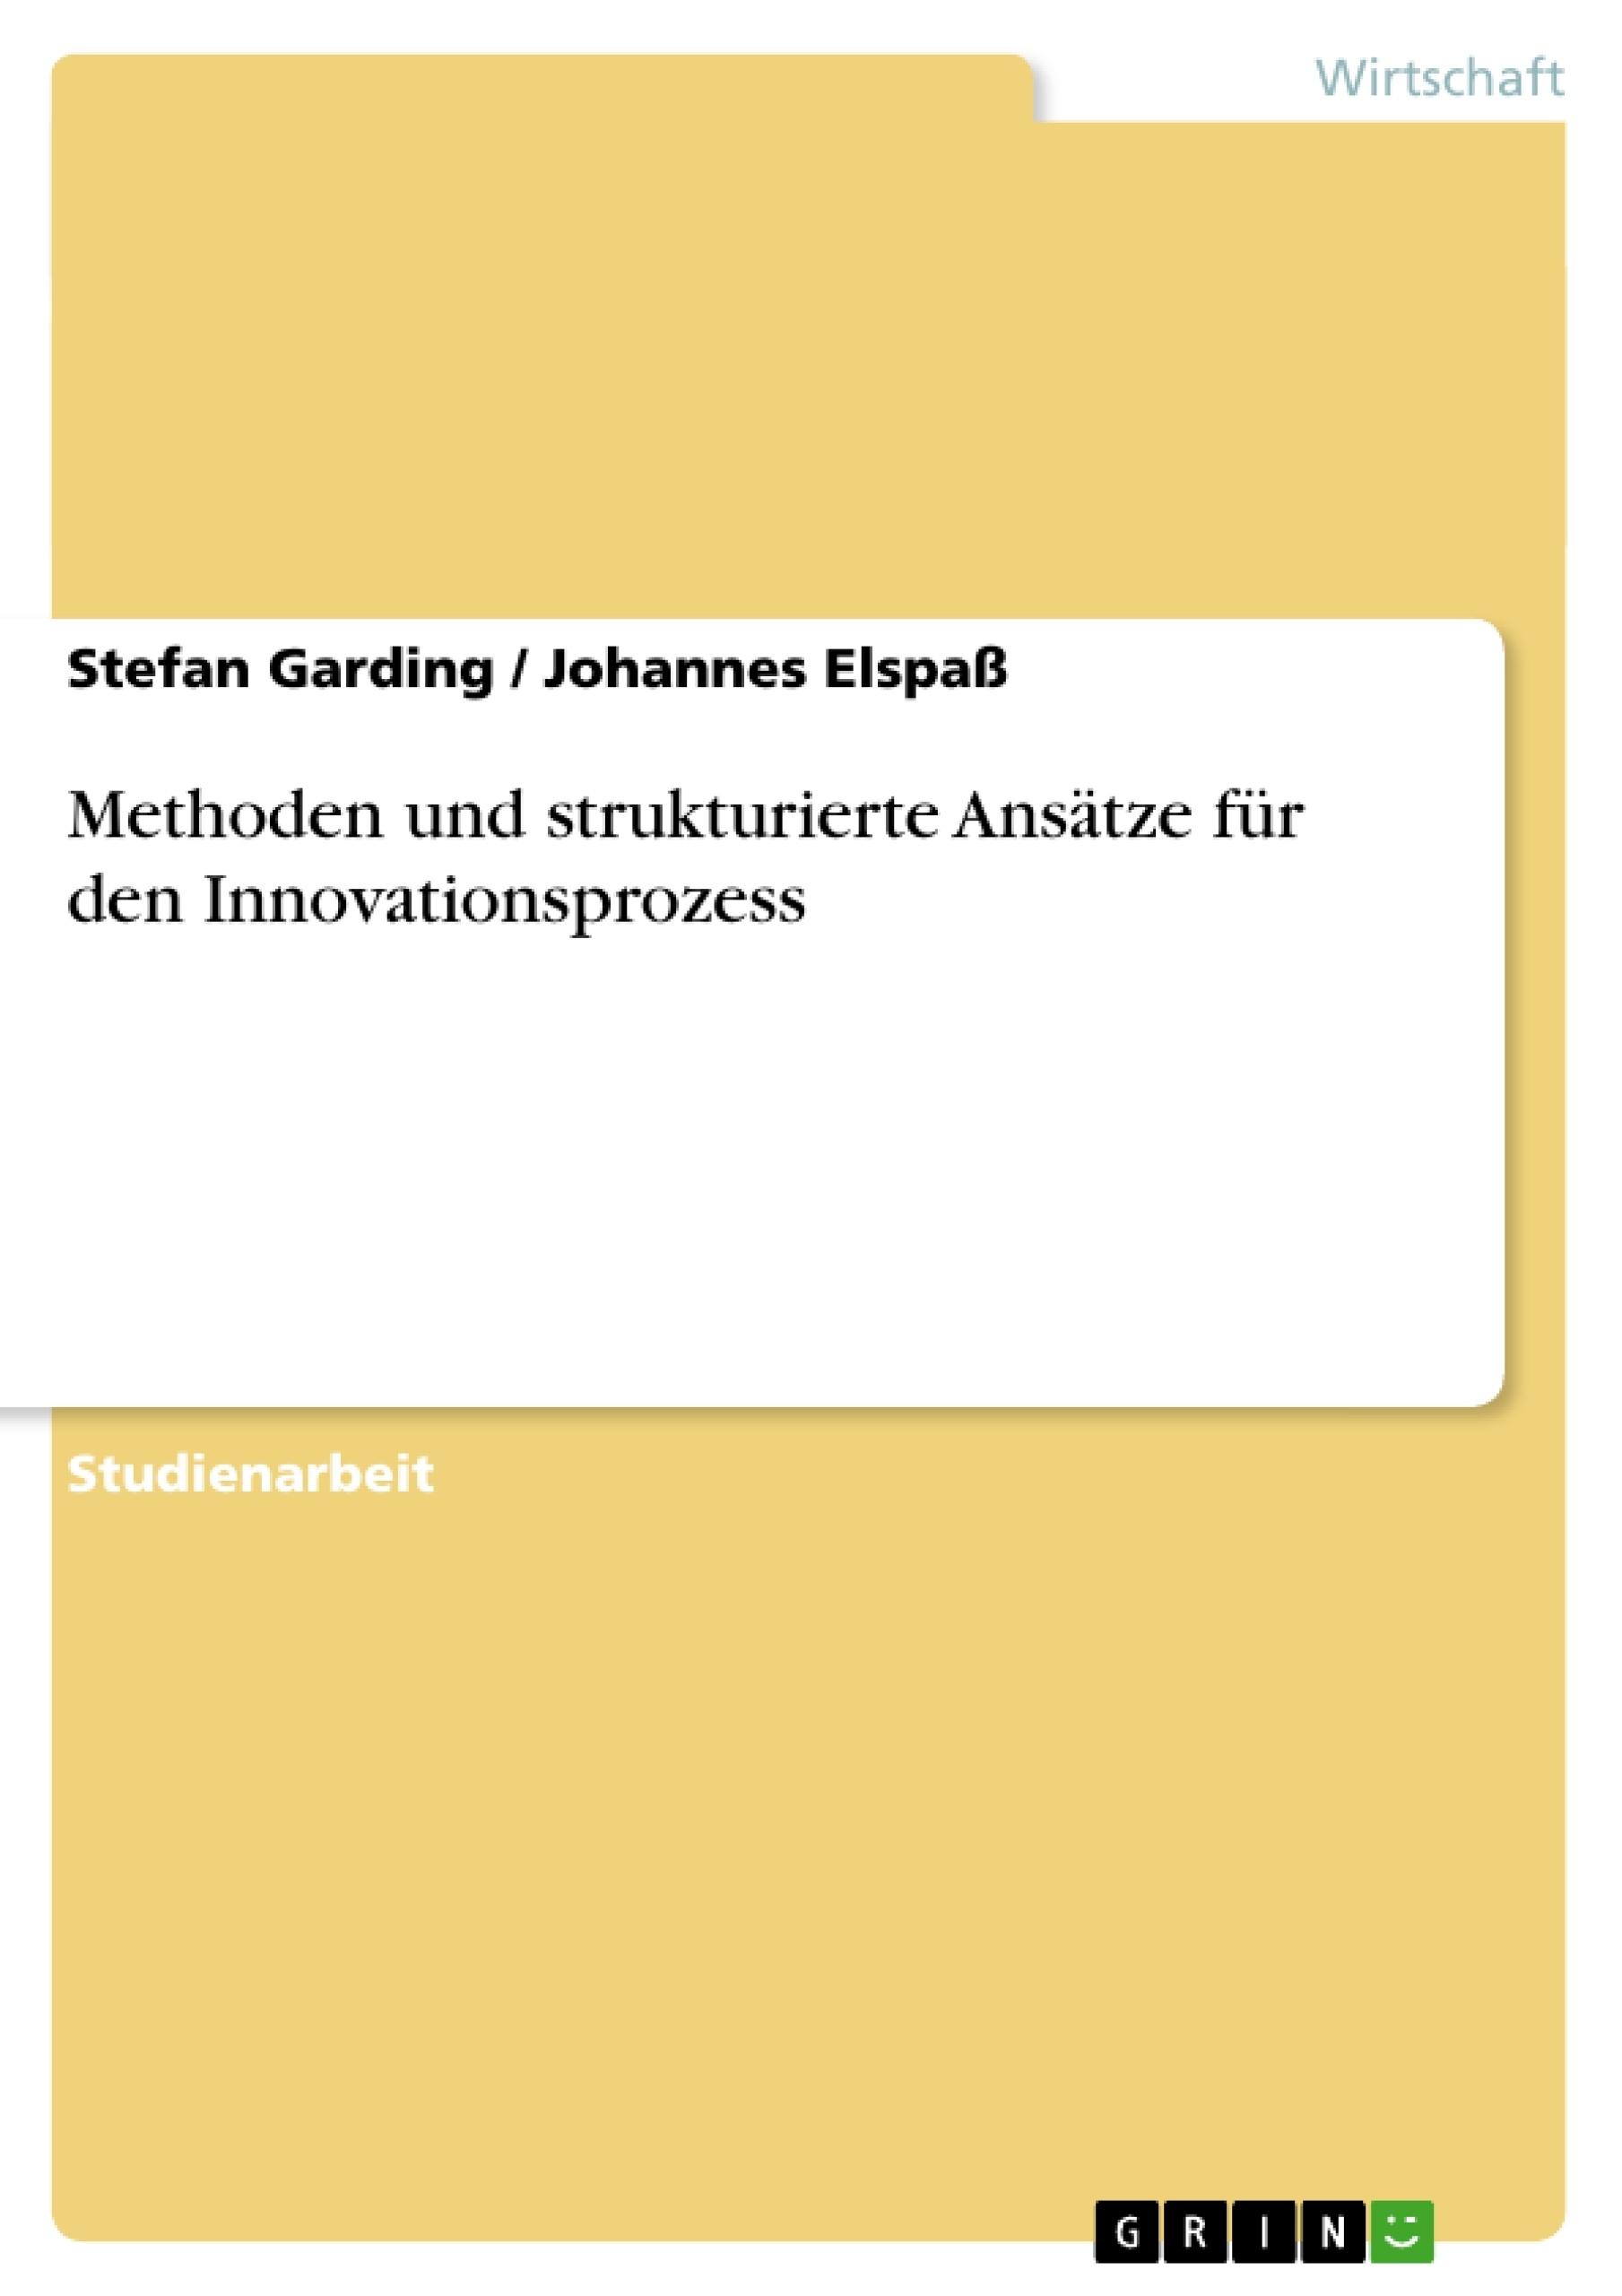 Titel: Methoden und strukturierte Ansätze für den Innovationsprozess